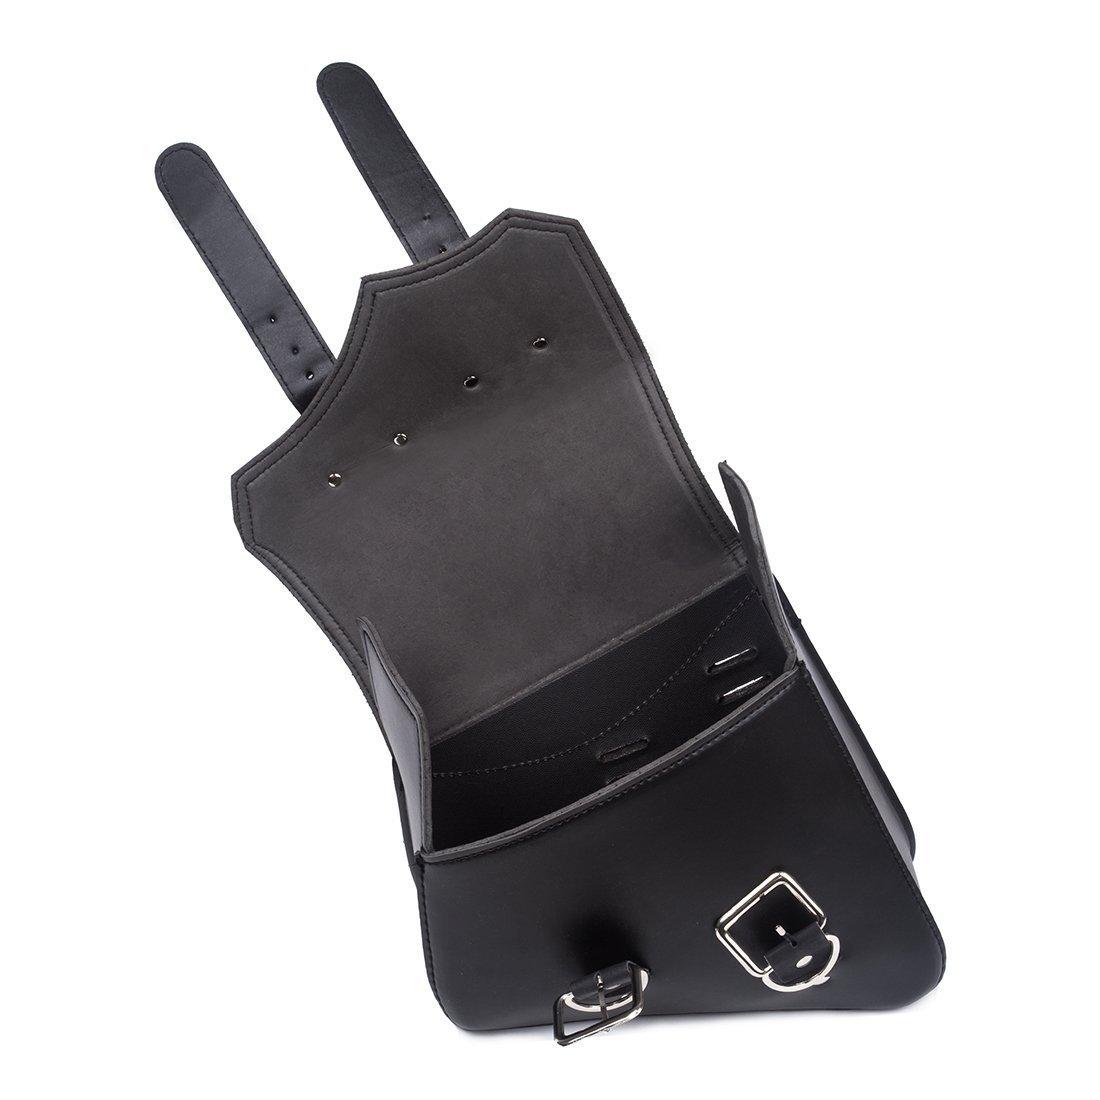 Alforjas para Moto de Cuero Moto-Bolso Triangular al Aire Libre Paquete Parte Trasera de Motocicletas Bolsa de Almacenamiento para Harley Davidson 2PC - Negro